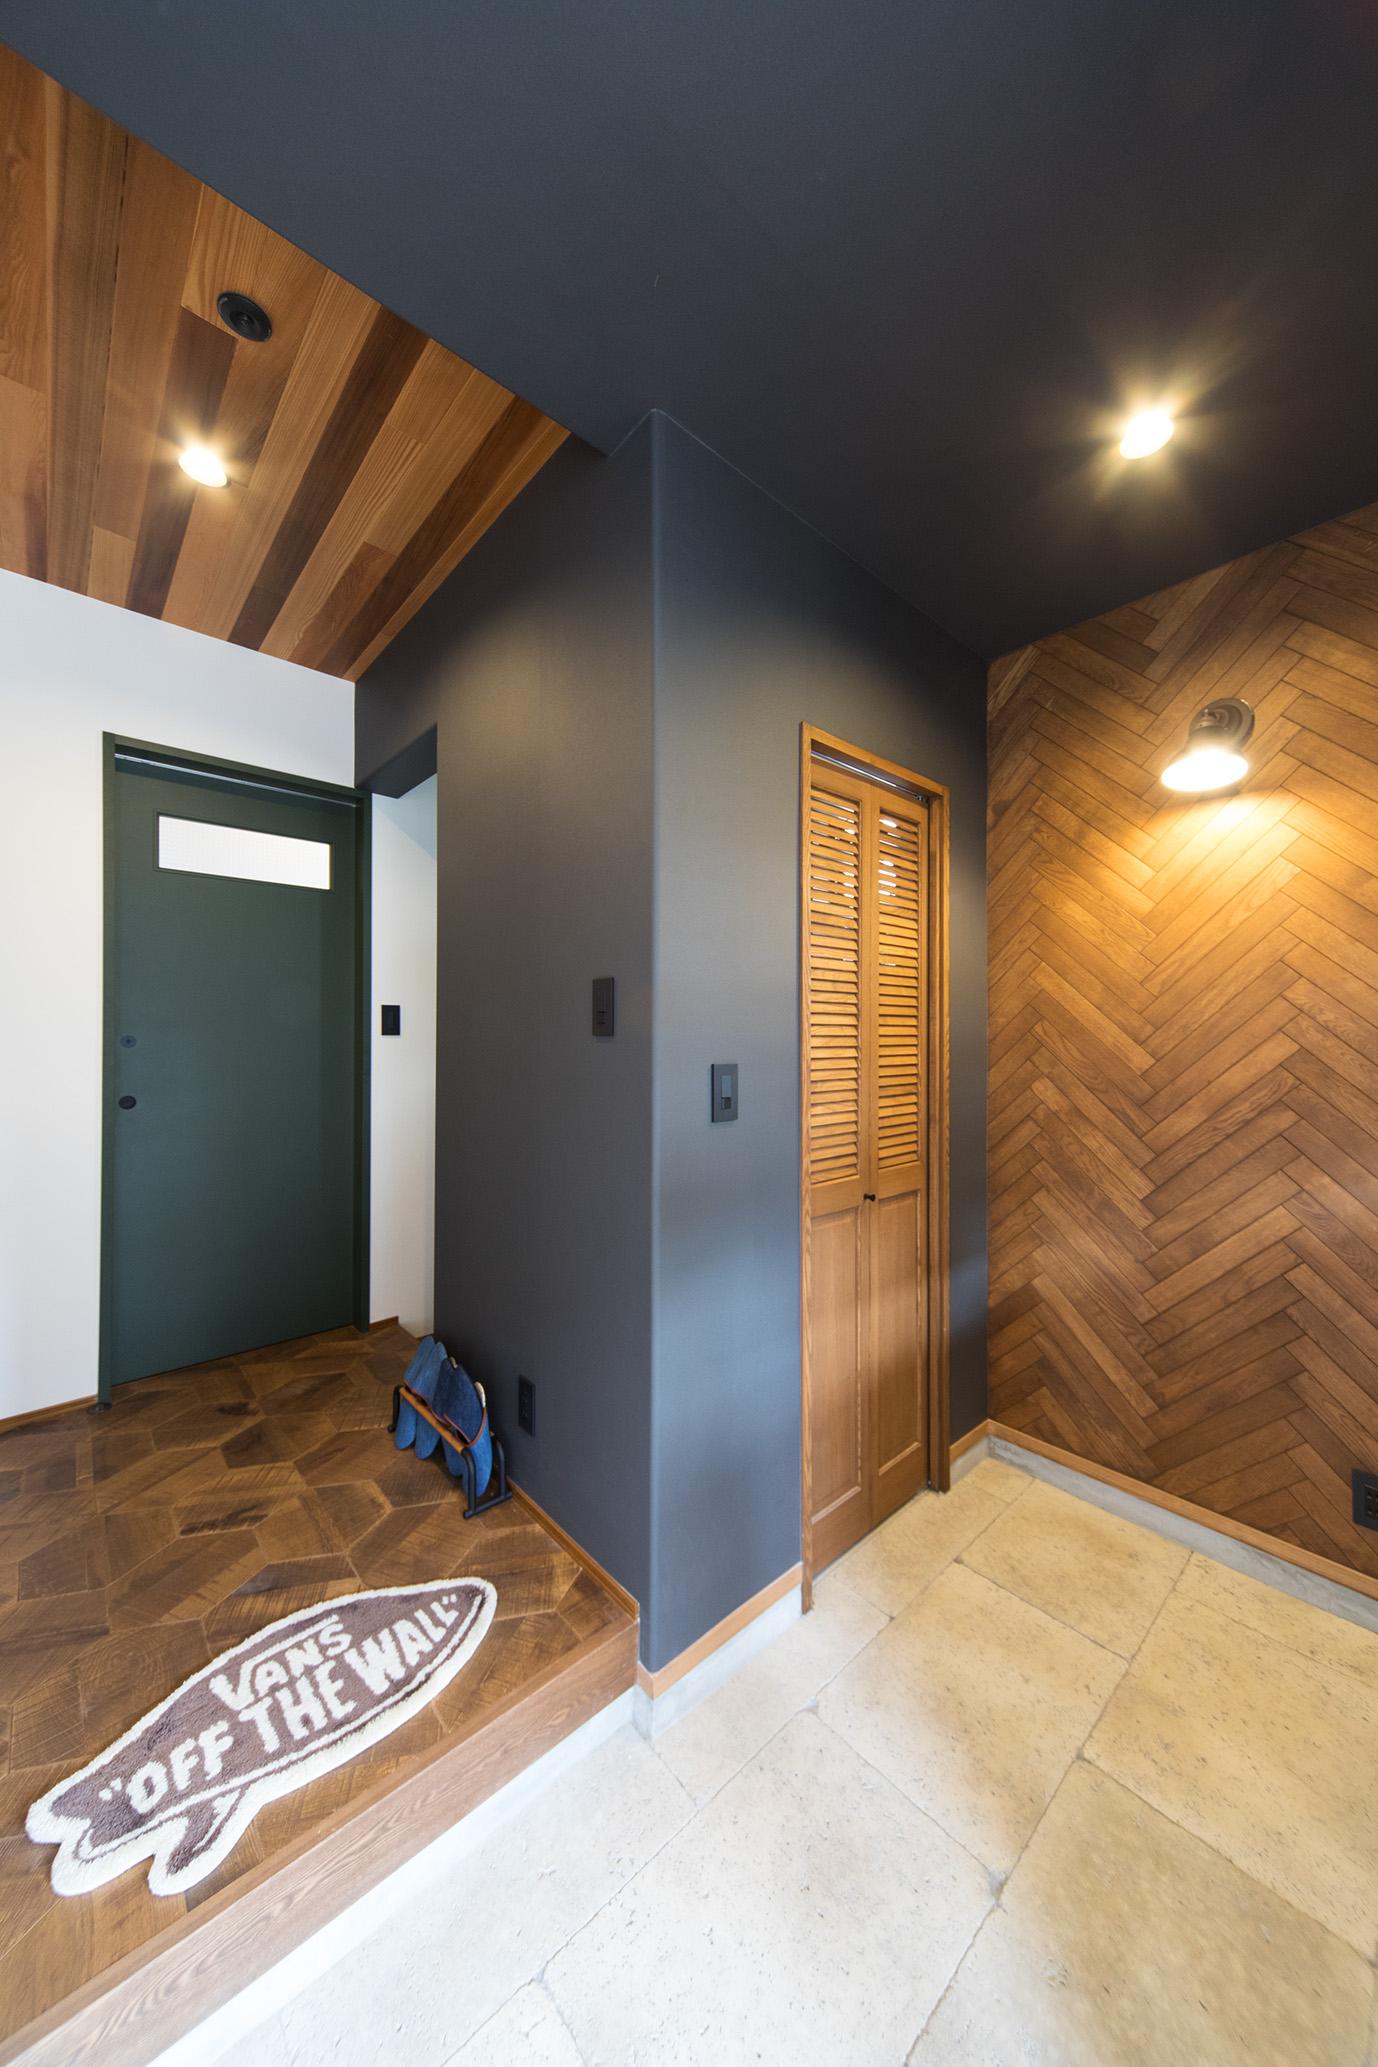 MinerBaseStudio/ミネルベーススタジオ【デザイン住宅、輸入住宅、趣味】天然石を敷き詰めた広い玄関土間。ヘリンボーン、MinerBaseオリジナルのヘキサフローリングなど様々な素材が心地よく配置されている